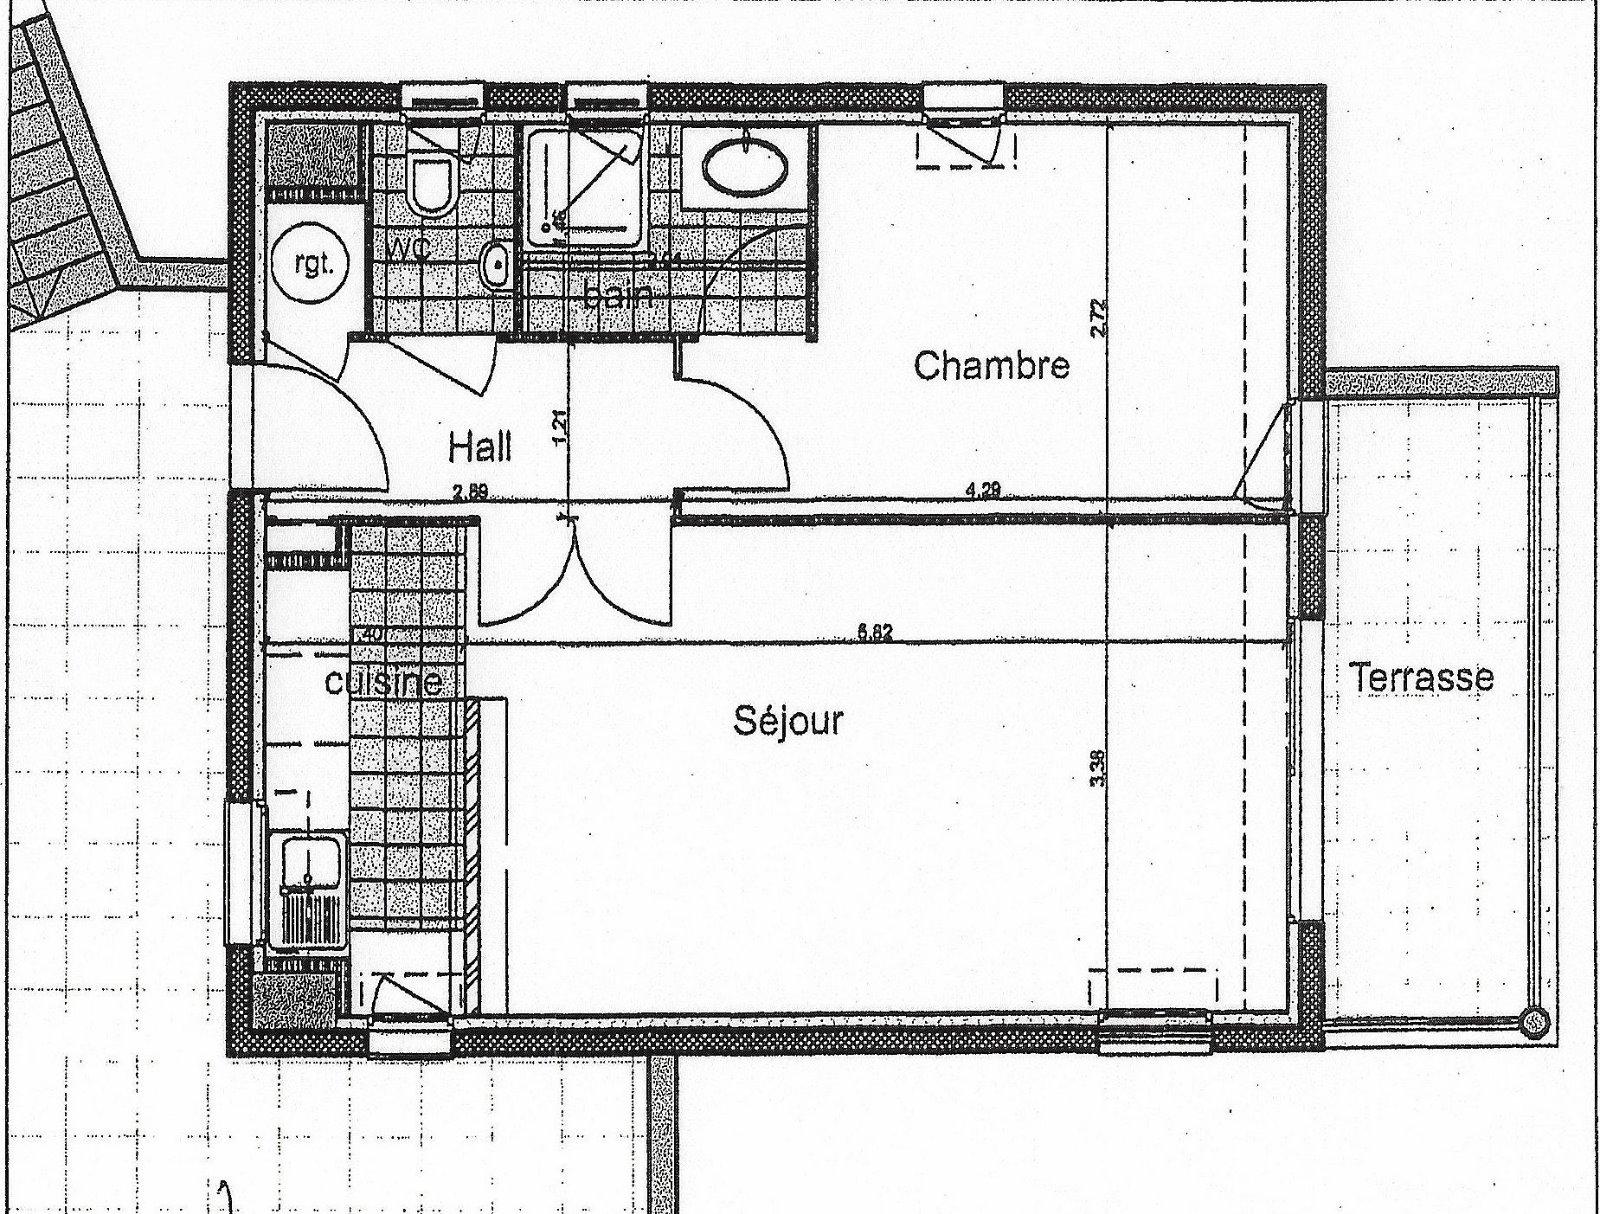 Mandelieu 06 alpes maritimes vendre appartement 43 m2 terrasse vue d gag e garage cave - Plan appartement 120 m2 ...